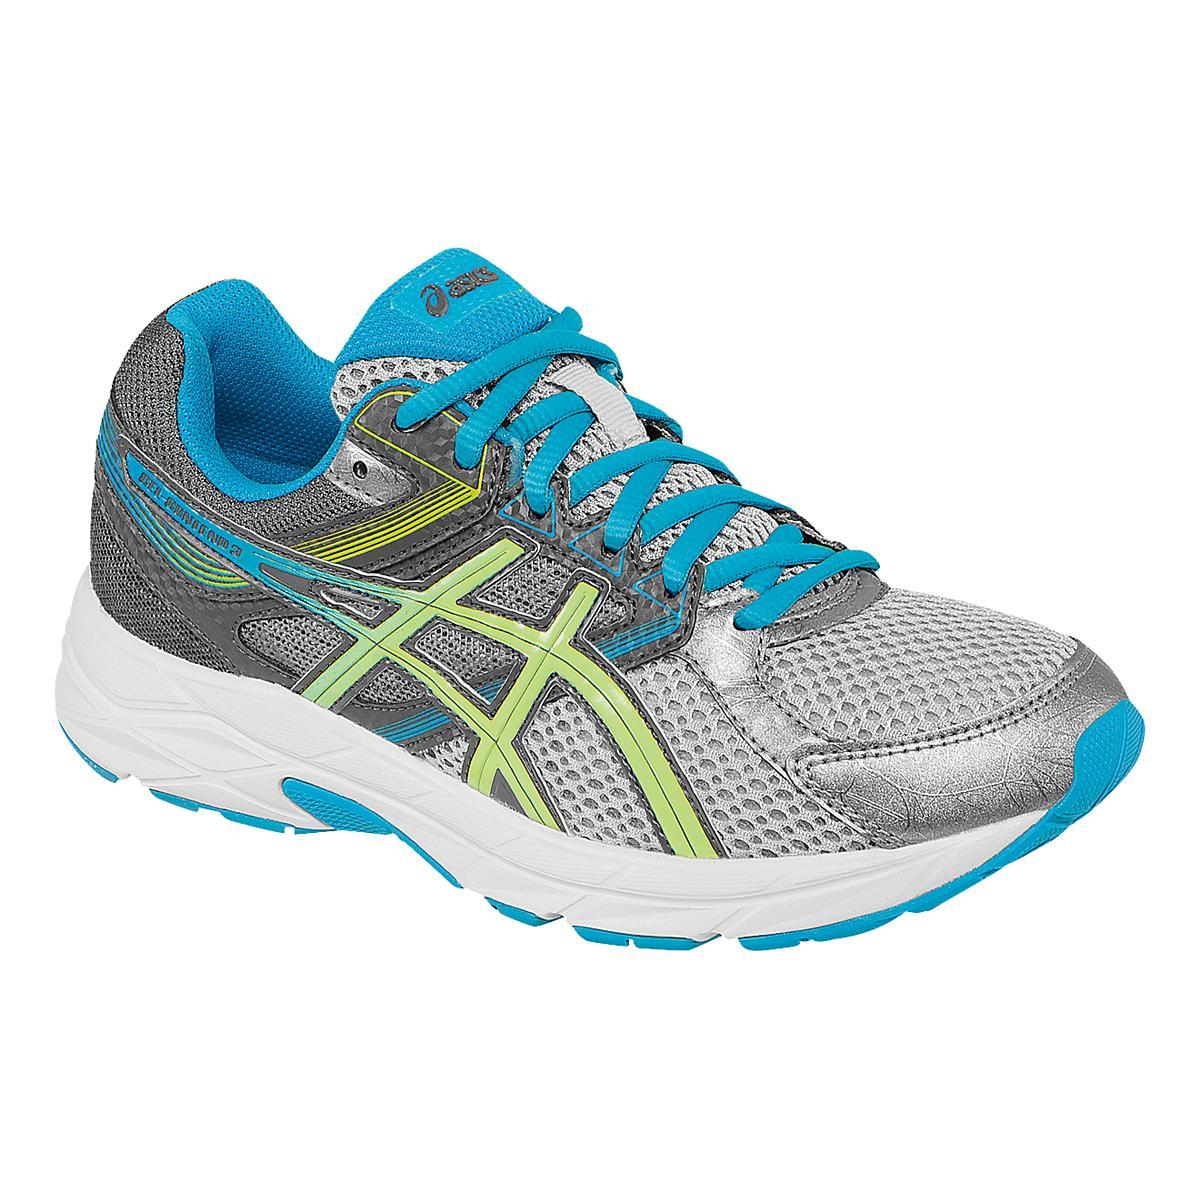 Chaussures de course course chez ASICS pour GEL Contend 3 pour femmes chez Road Runner Sports 08afbe8 - afilia.info